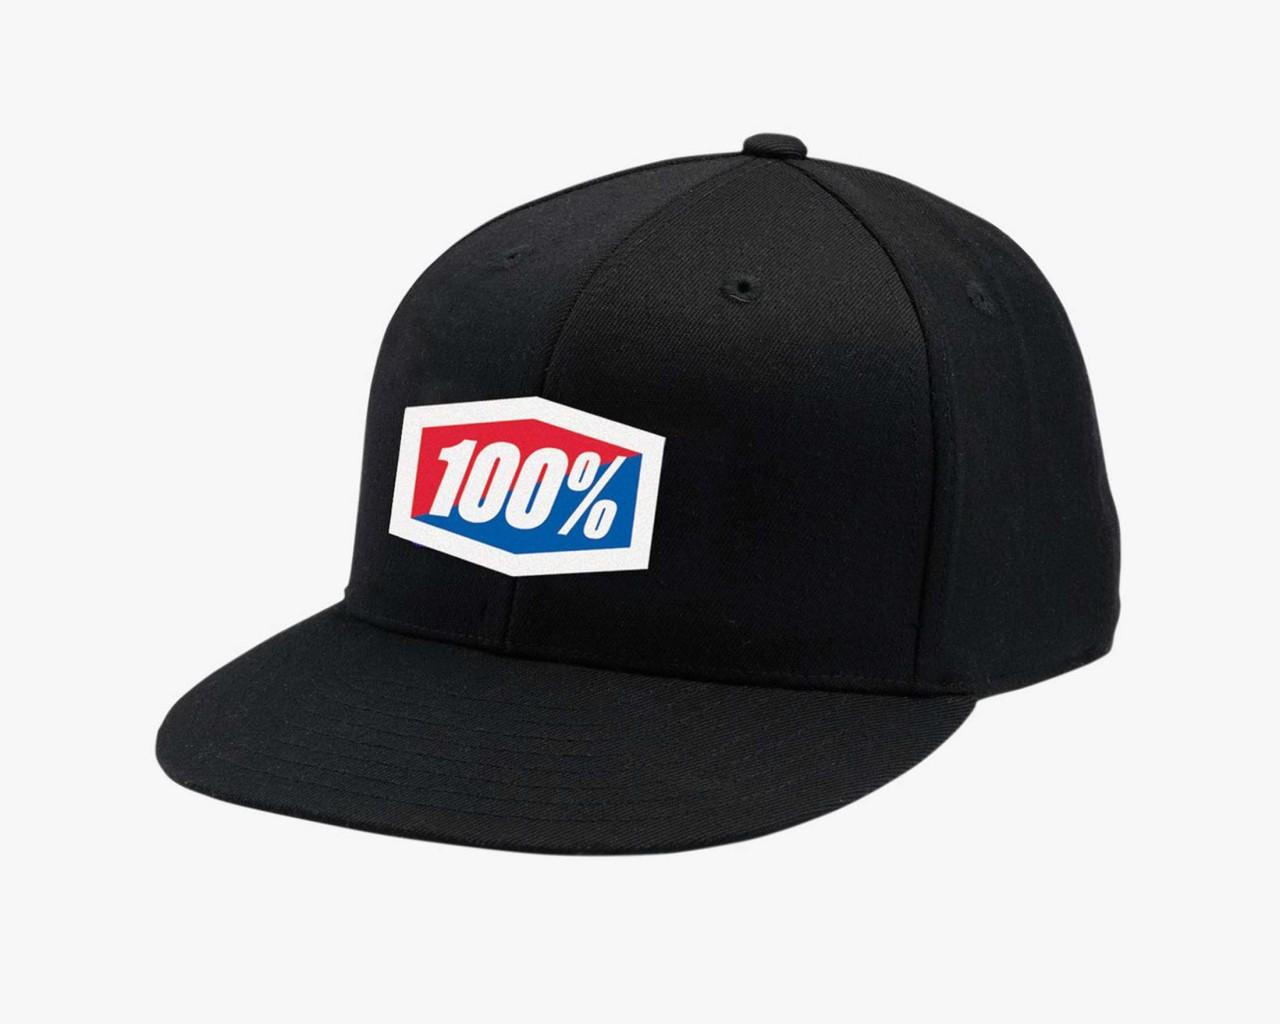 100% Offizieller J-Fit Flexfit Hat | black